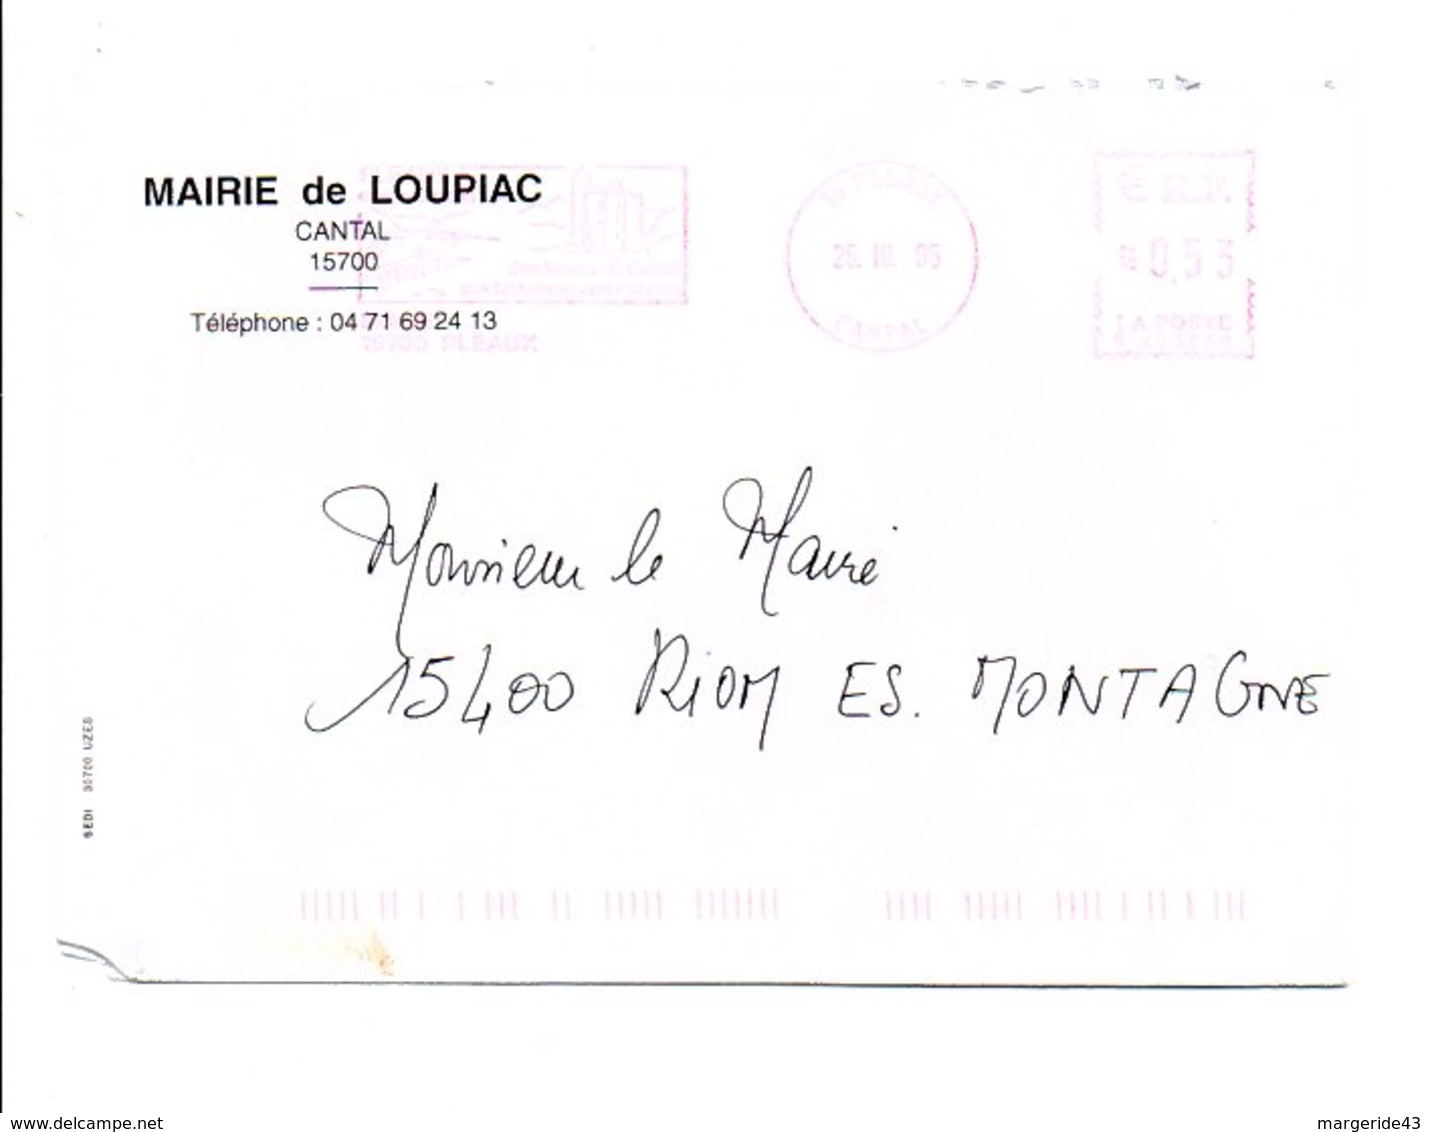 LETTRE DE MAIRIE DE LOUPIAC CANTAL - Marcofilie (Brieven)